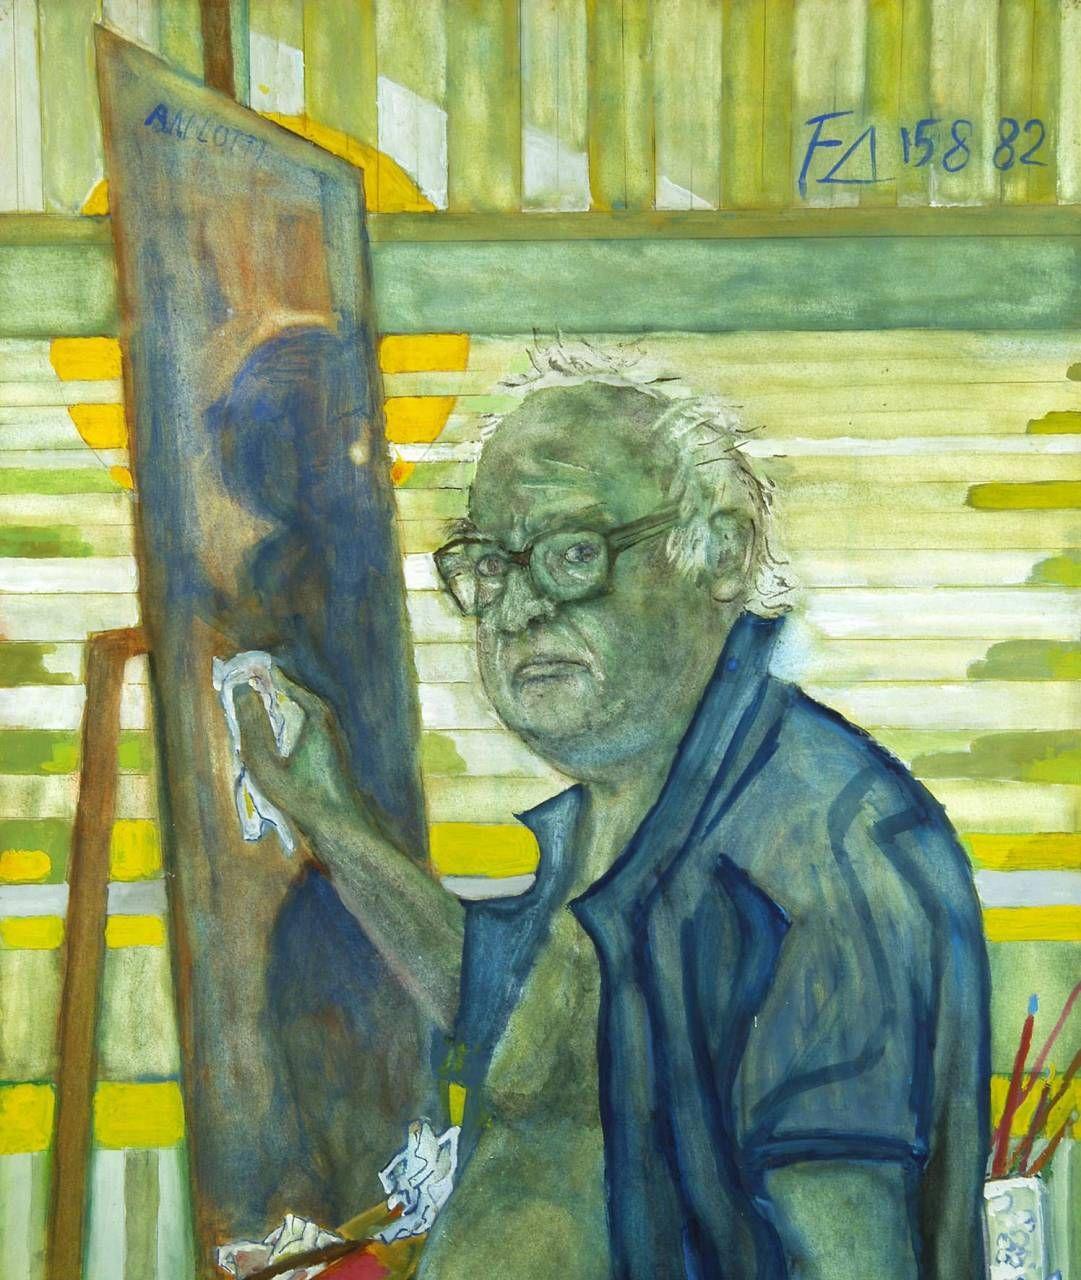 Un autoritratto di Friedrich Dürrenmatt (1921-1990. ), scrittore e pittore